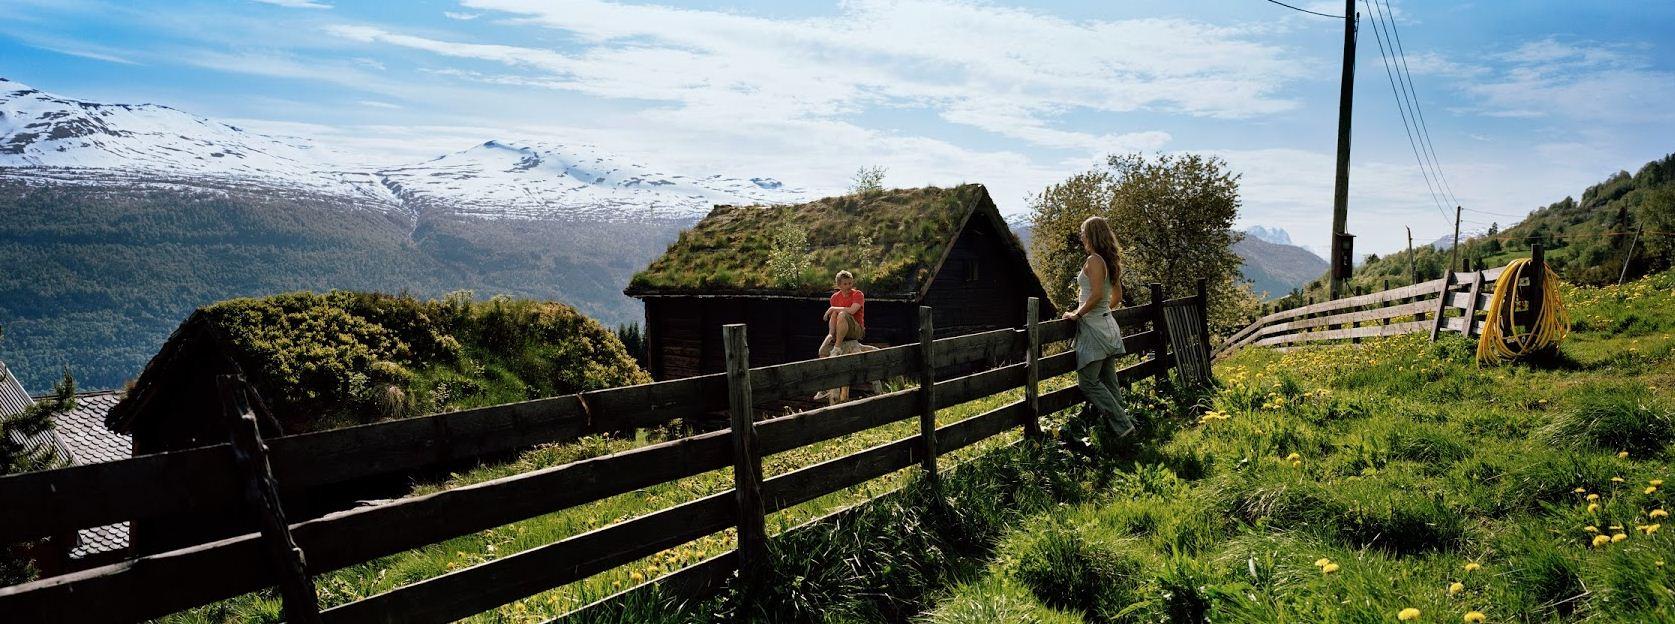 jensenreisen_header_unternehmen-NorwegenFjord